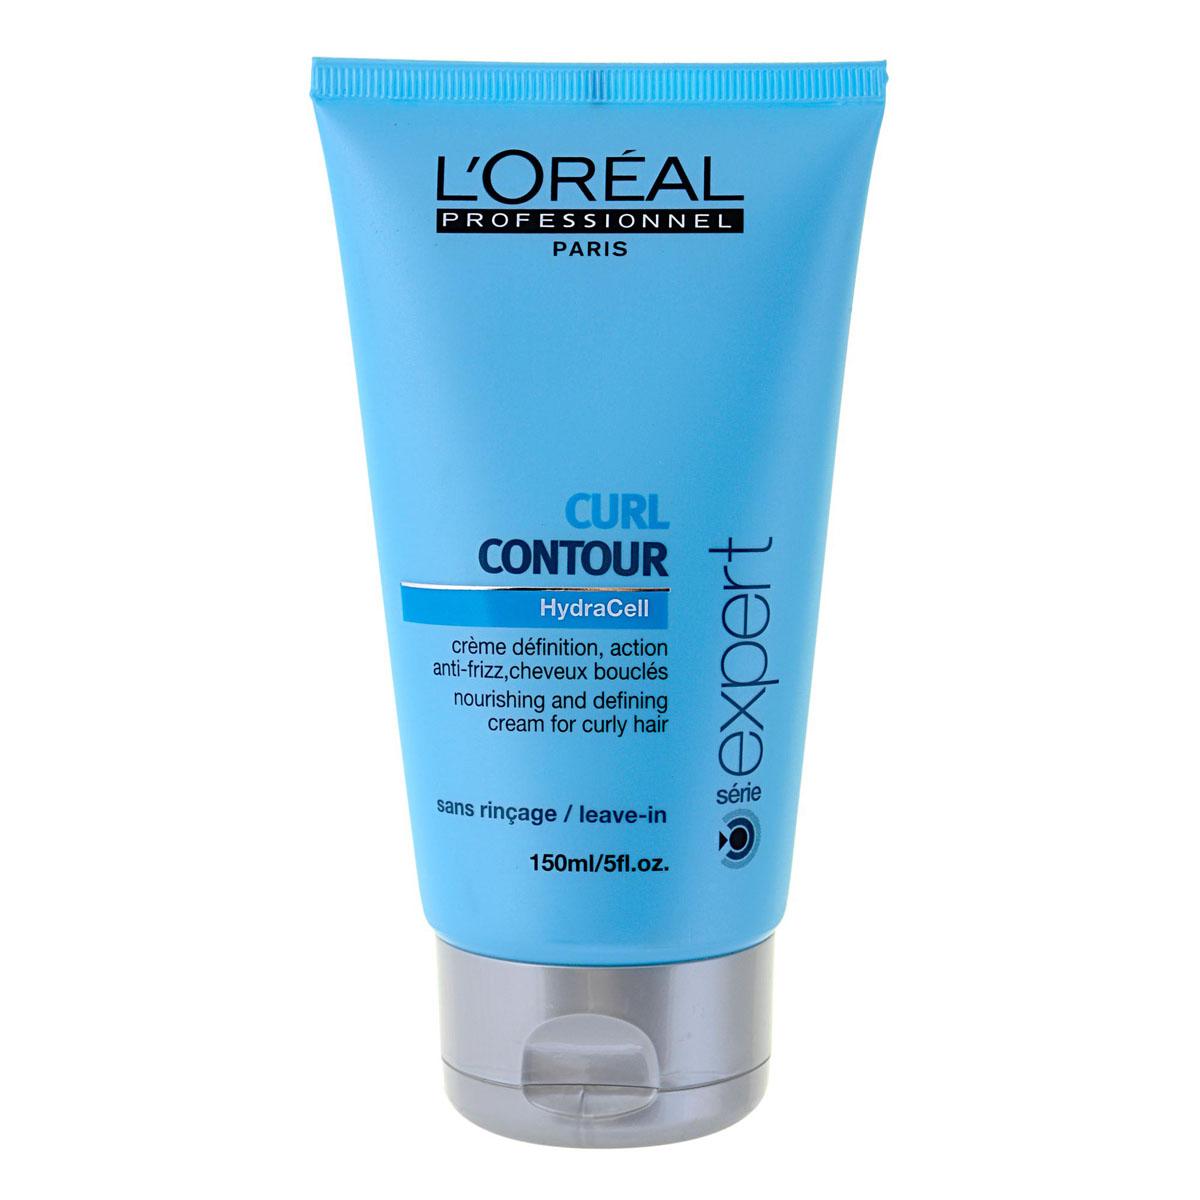 LOreal Professionnel Крем для четкости контура завитка для вьющихся волос Expert Curl Contour - 150 мл67040179Крем Керл Контур интенсивно питает вьющиеся волосы, не утяжеляет их. Он предназначен для придания четкости контура завиткам, обеспечивает волосам здоровый блеск. В основе крема – система Nutripulse. Уникальная формула крема включает в себя микроэмульсионные масла, которые придают волосам ещё больше кудрявости, а также экстракт косточек винограда и «Биомиметический керамид», придающие кудрям упругость. Один из основных компонентов крема – УФ-фильтры, защищающие волосы от вредного ультрафиолетового излучения, способствующие сохранению прочности волос, насыщенного и яркого их цвета.